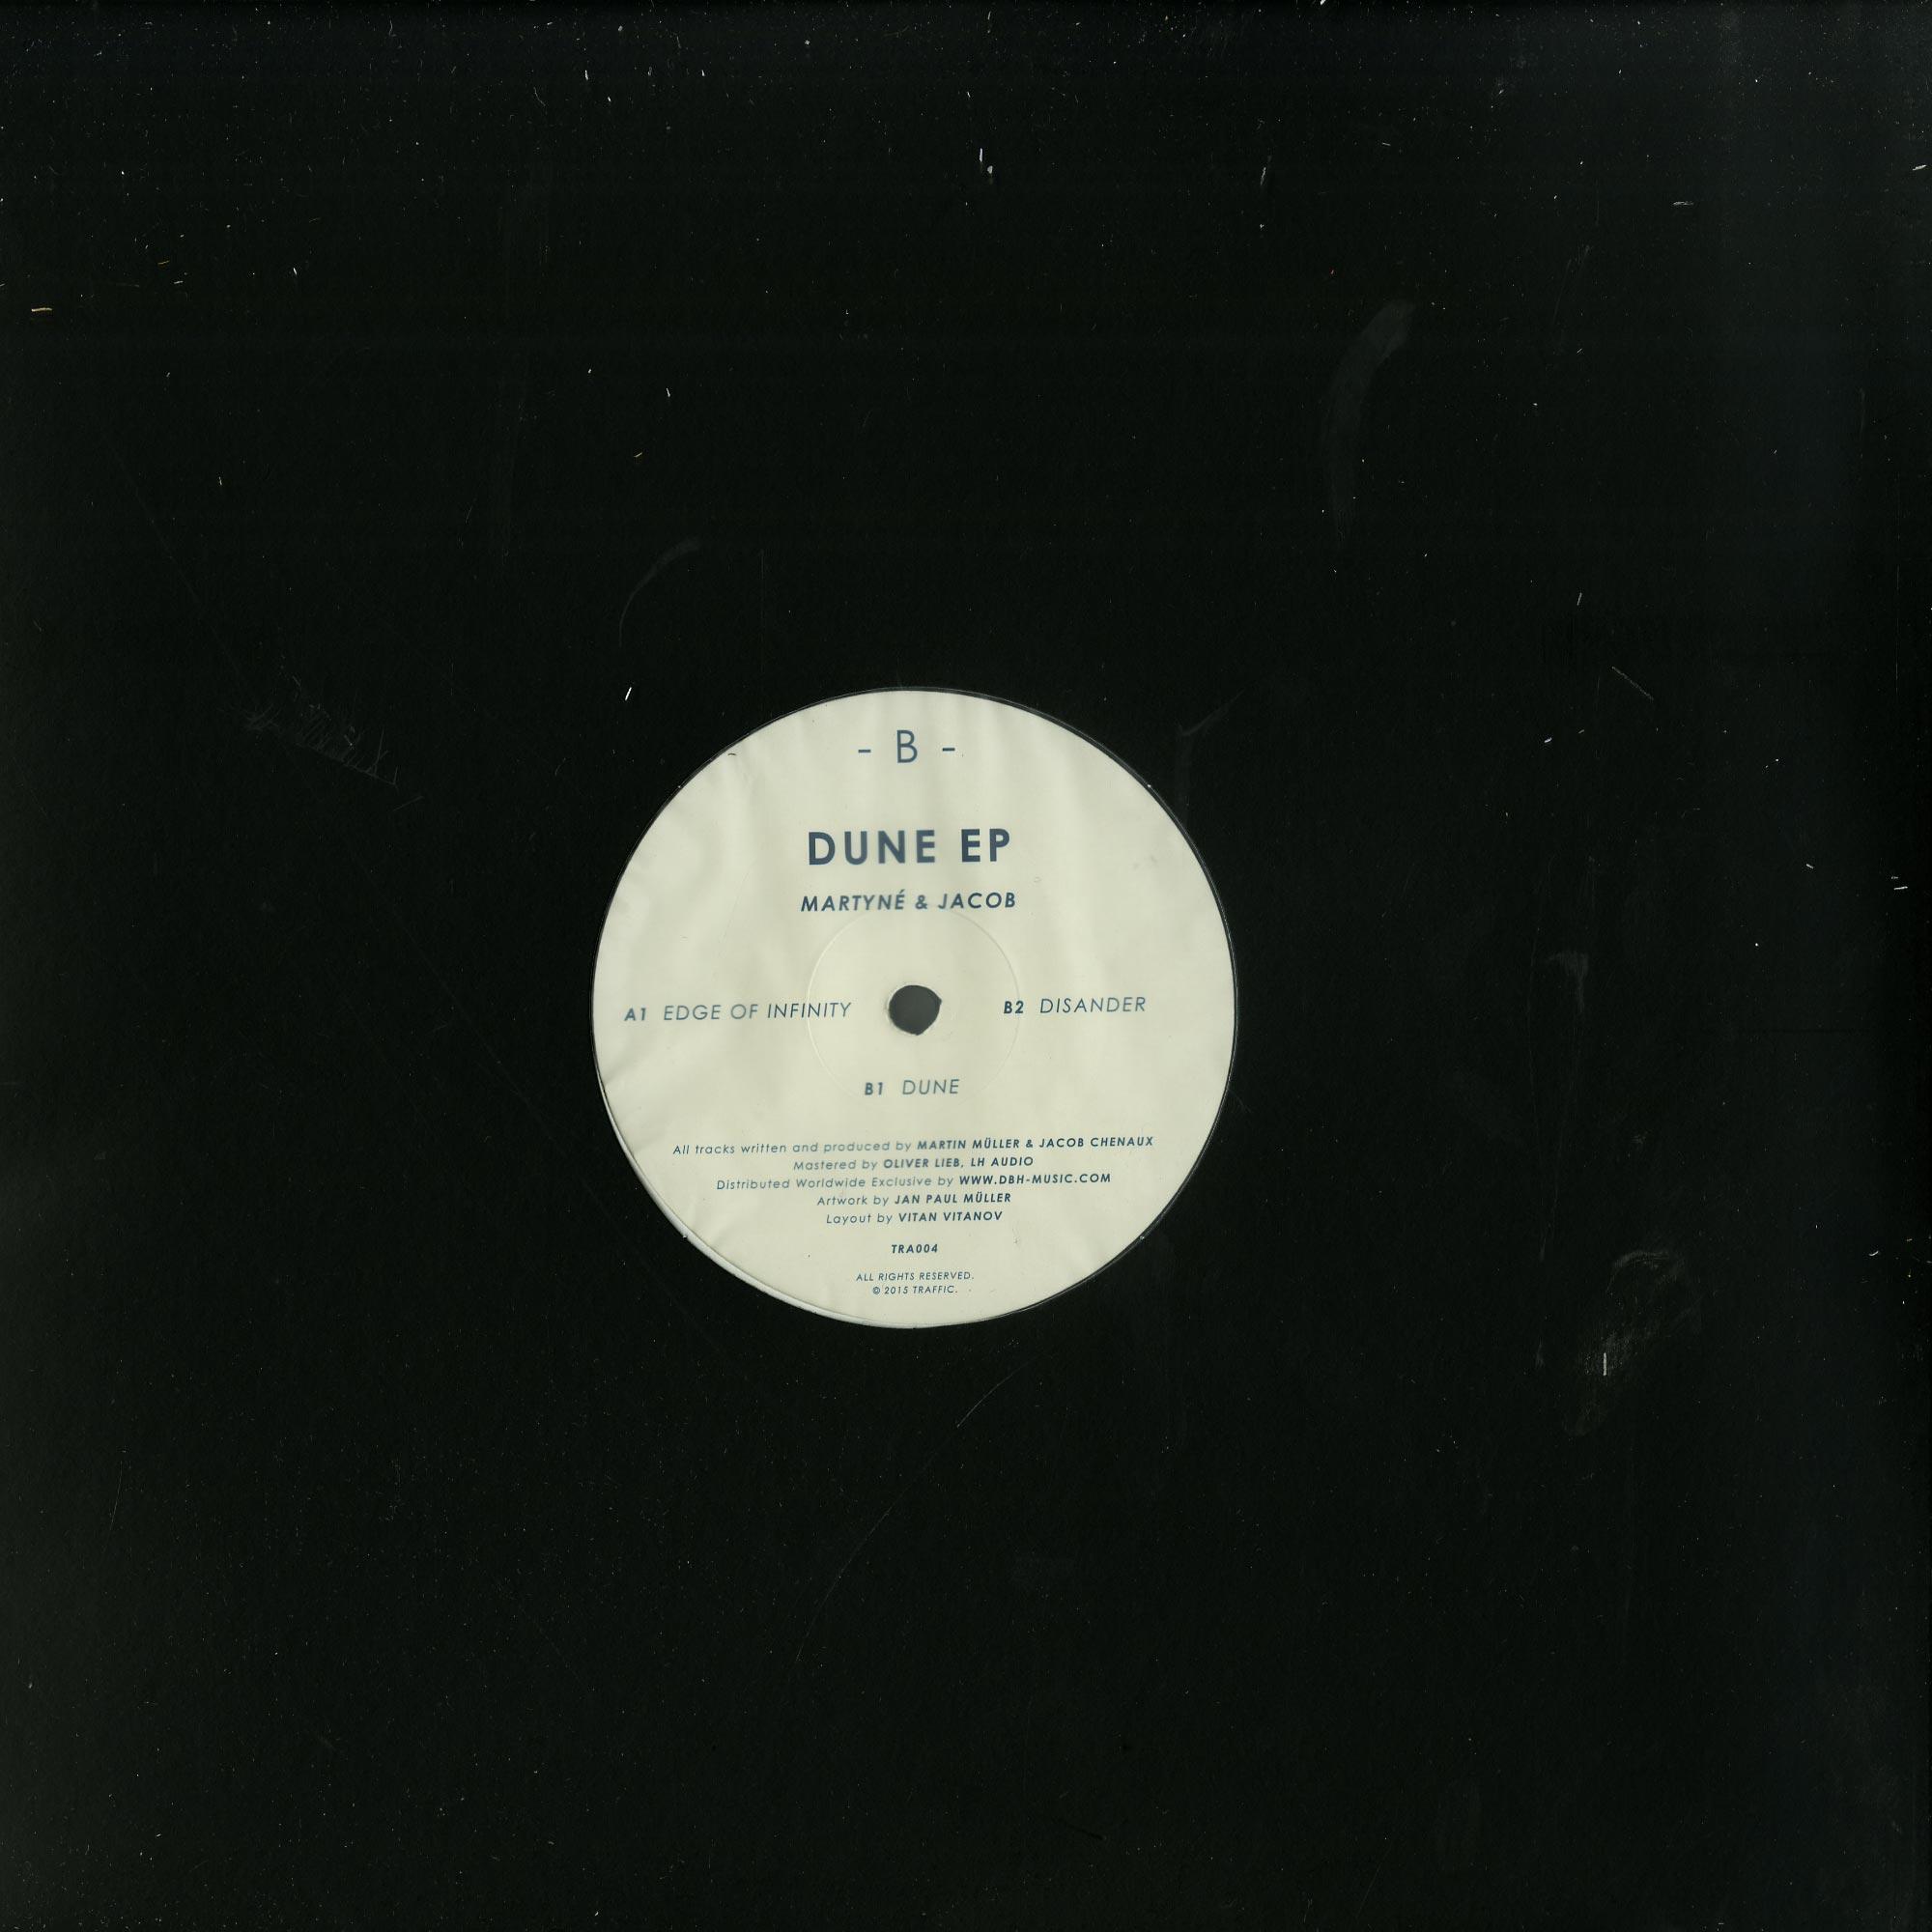 Martyne & Jacob - DUNE EP